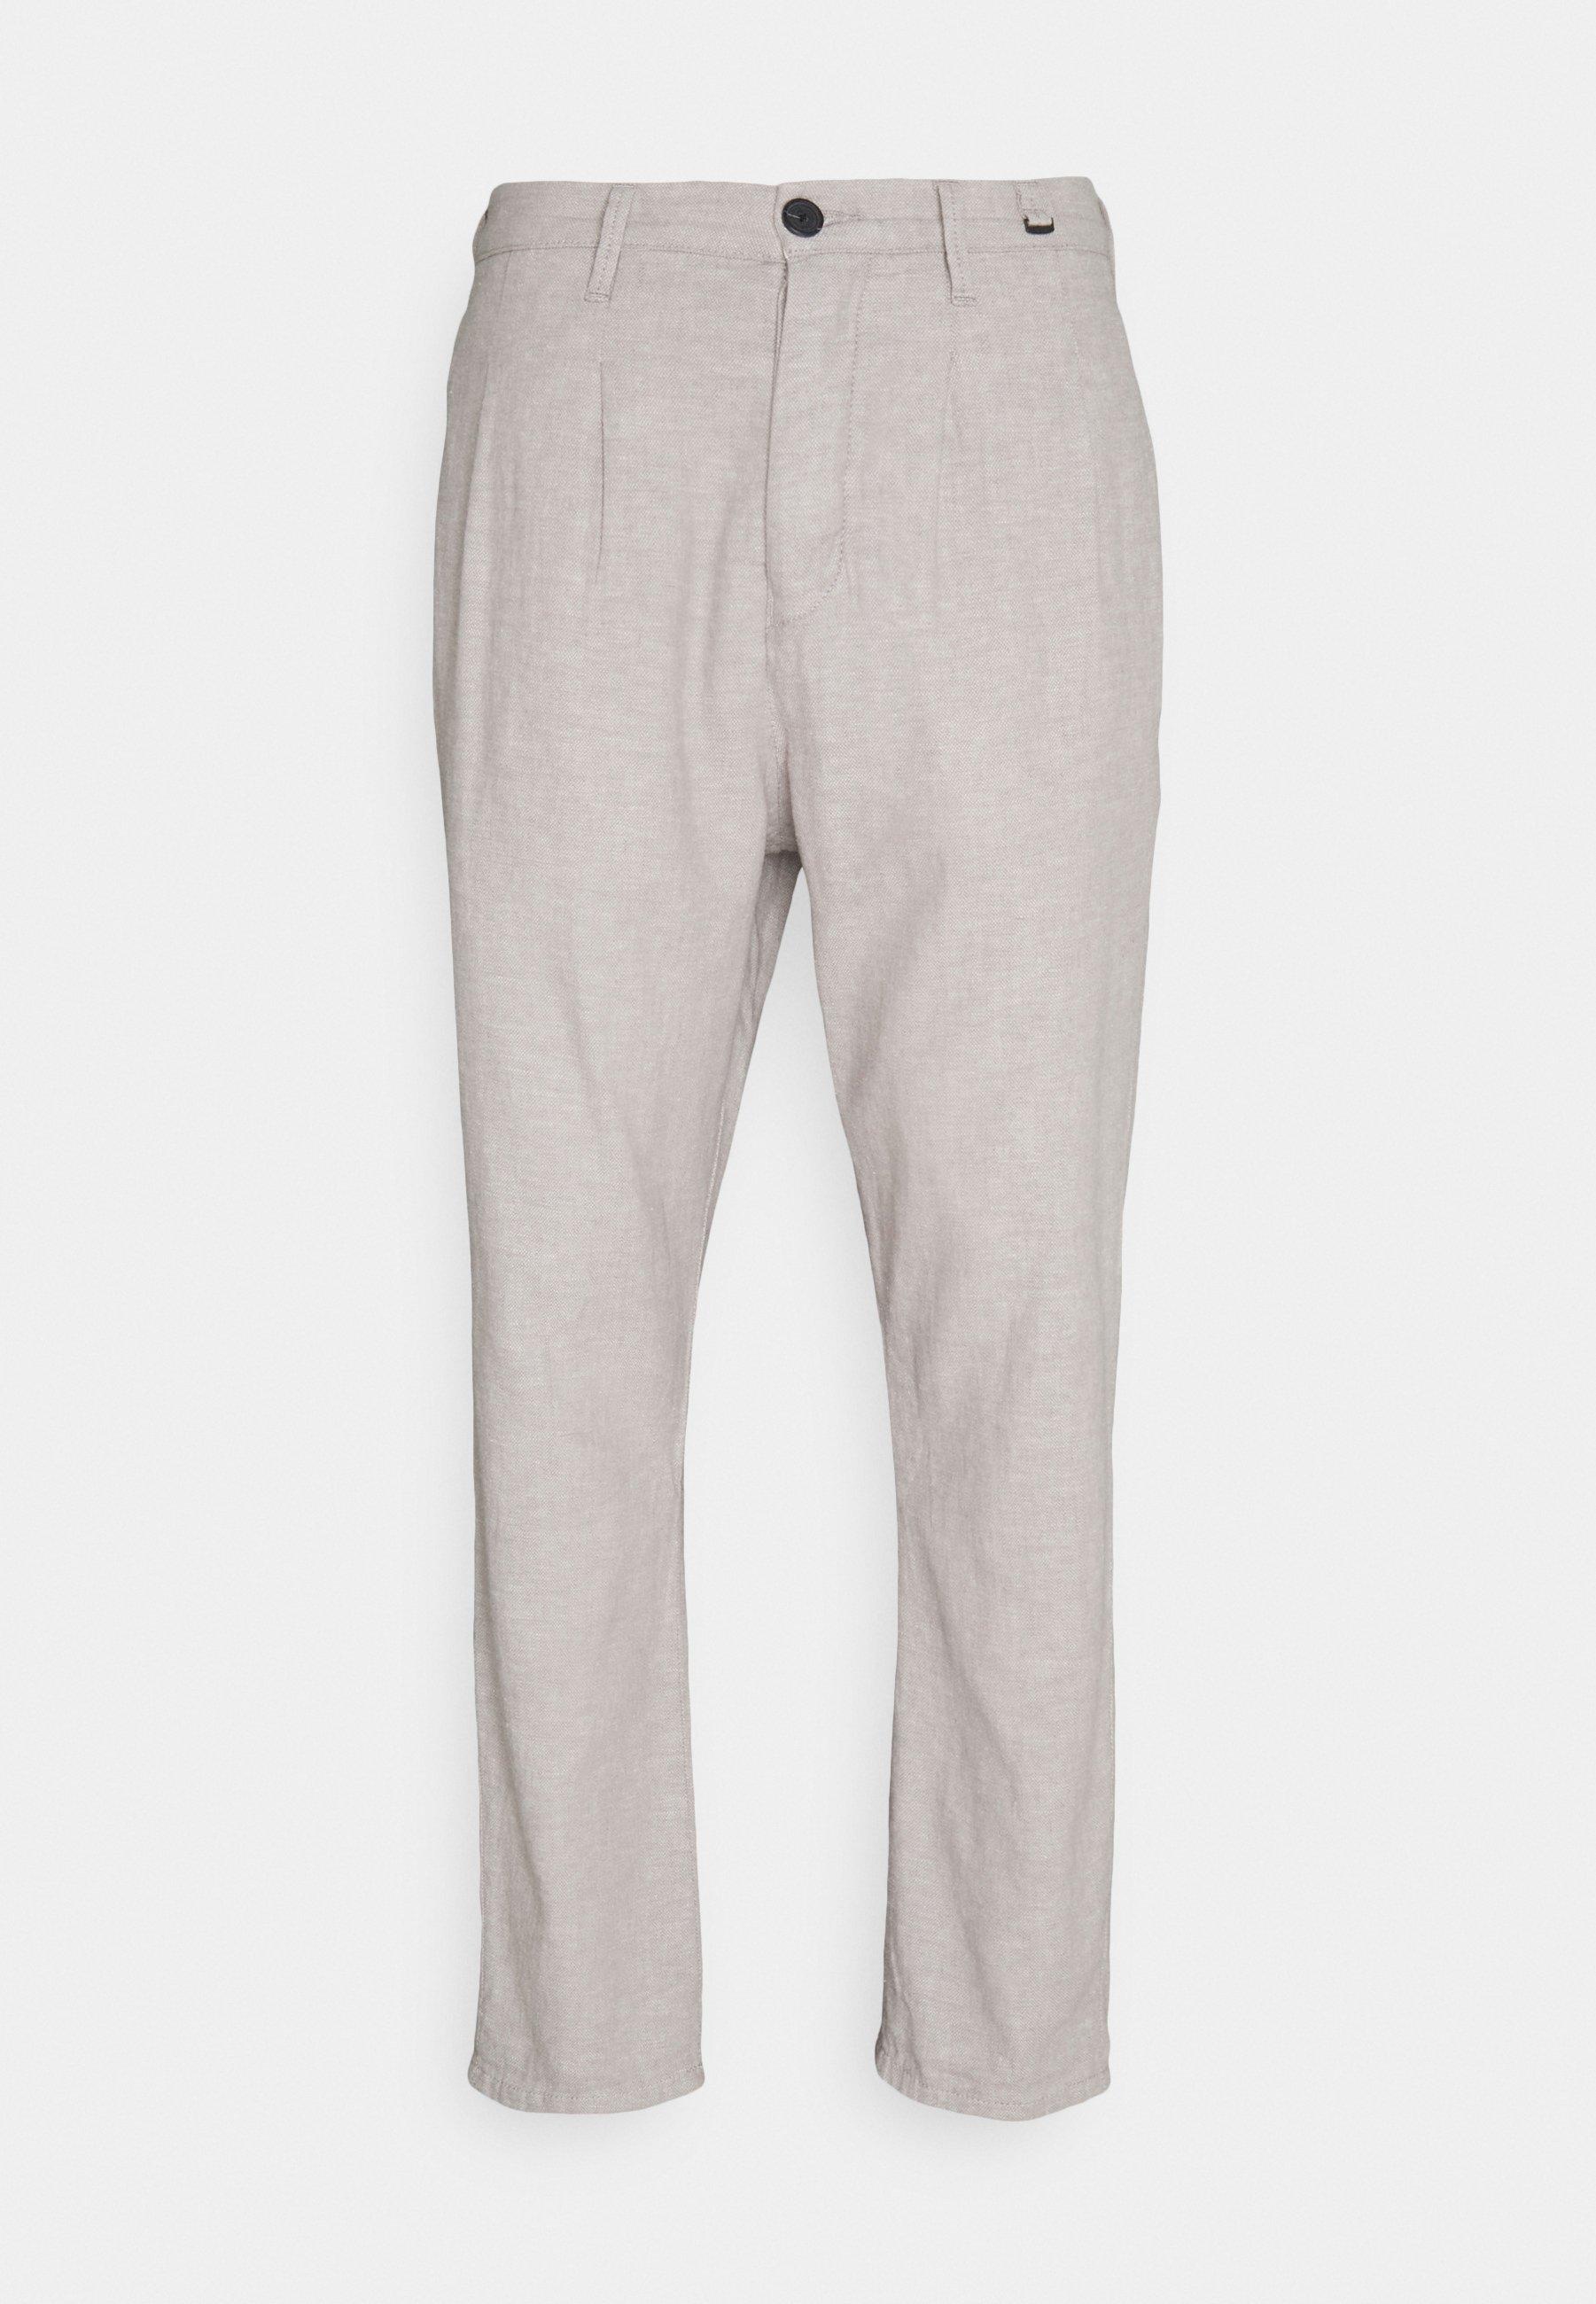 Homme FIRENZE BROKE PANT - Pantalon classique